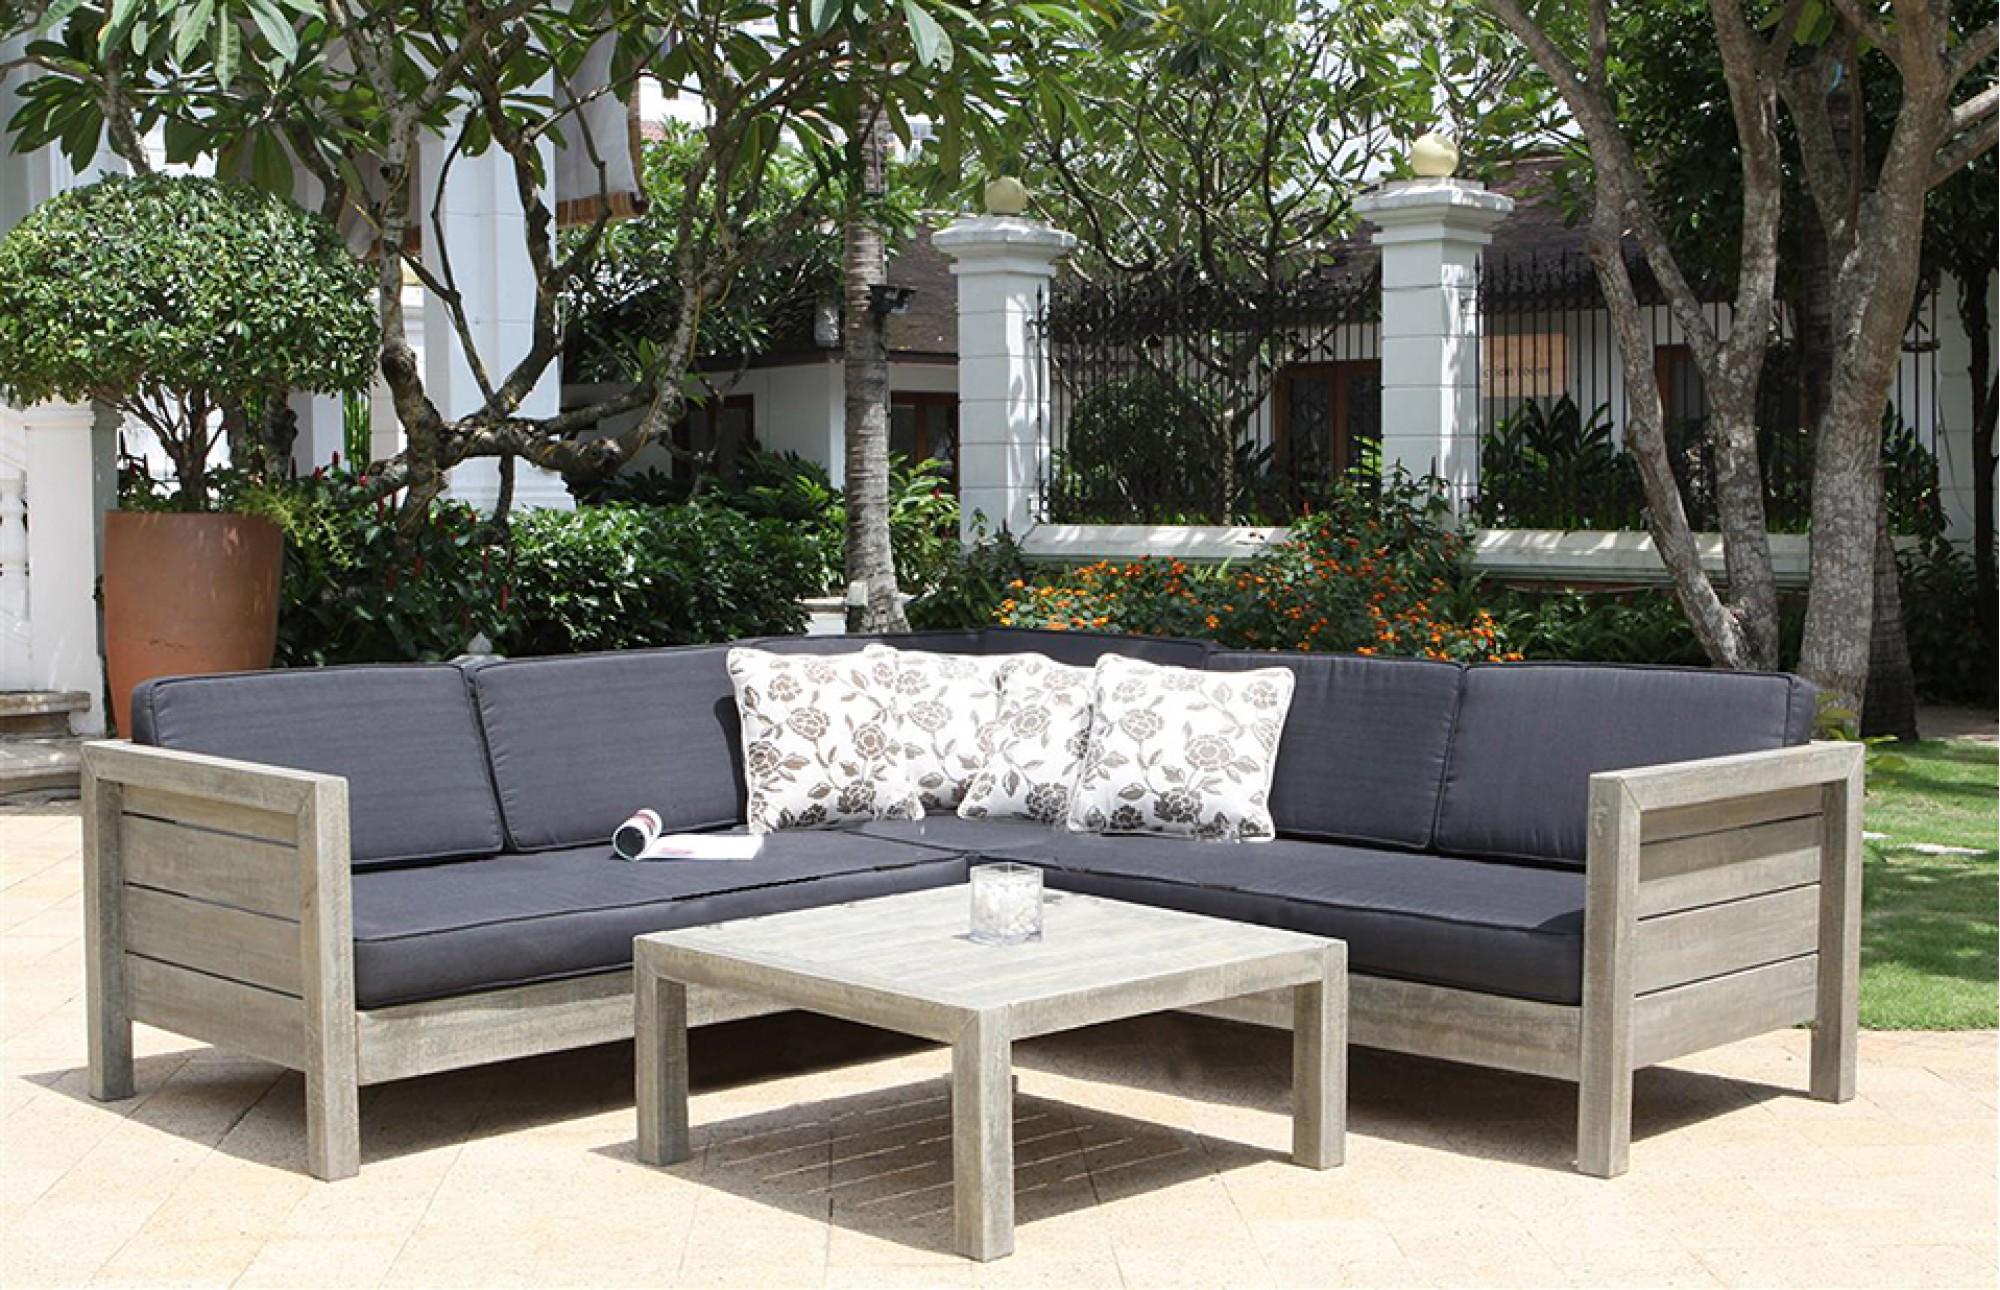 garden sofas outdoor garden sofas ikea thesofa. Black Bedroom Furniture Sets. Home Design Ideas